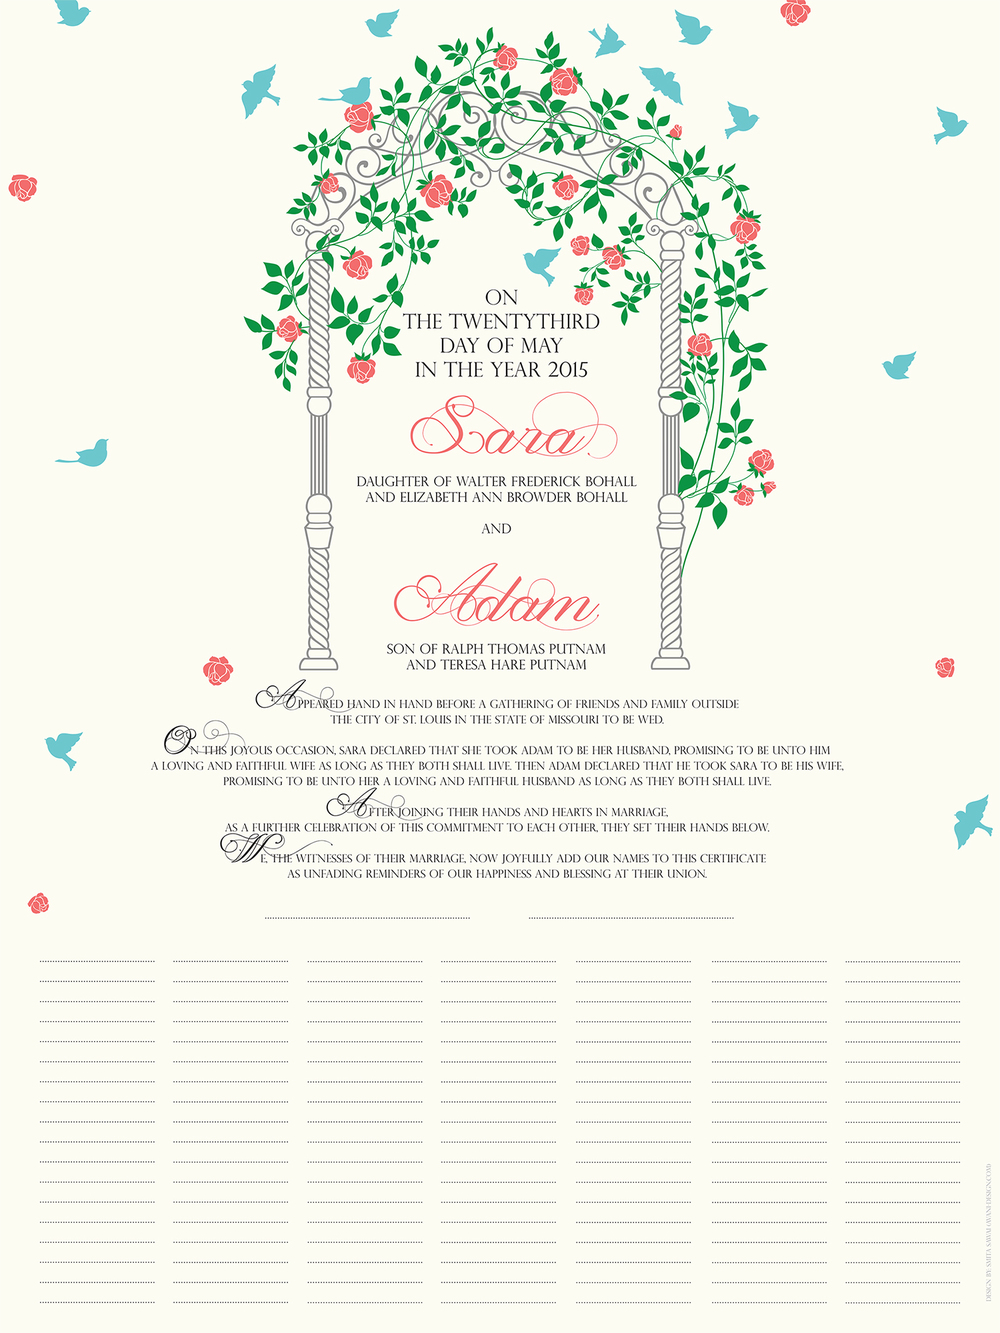 Adam-certificate1.jpg